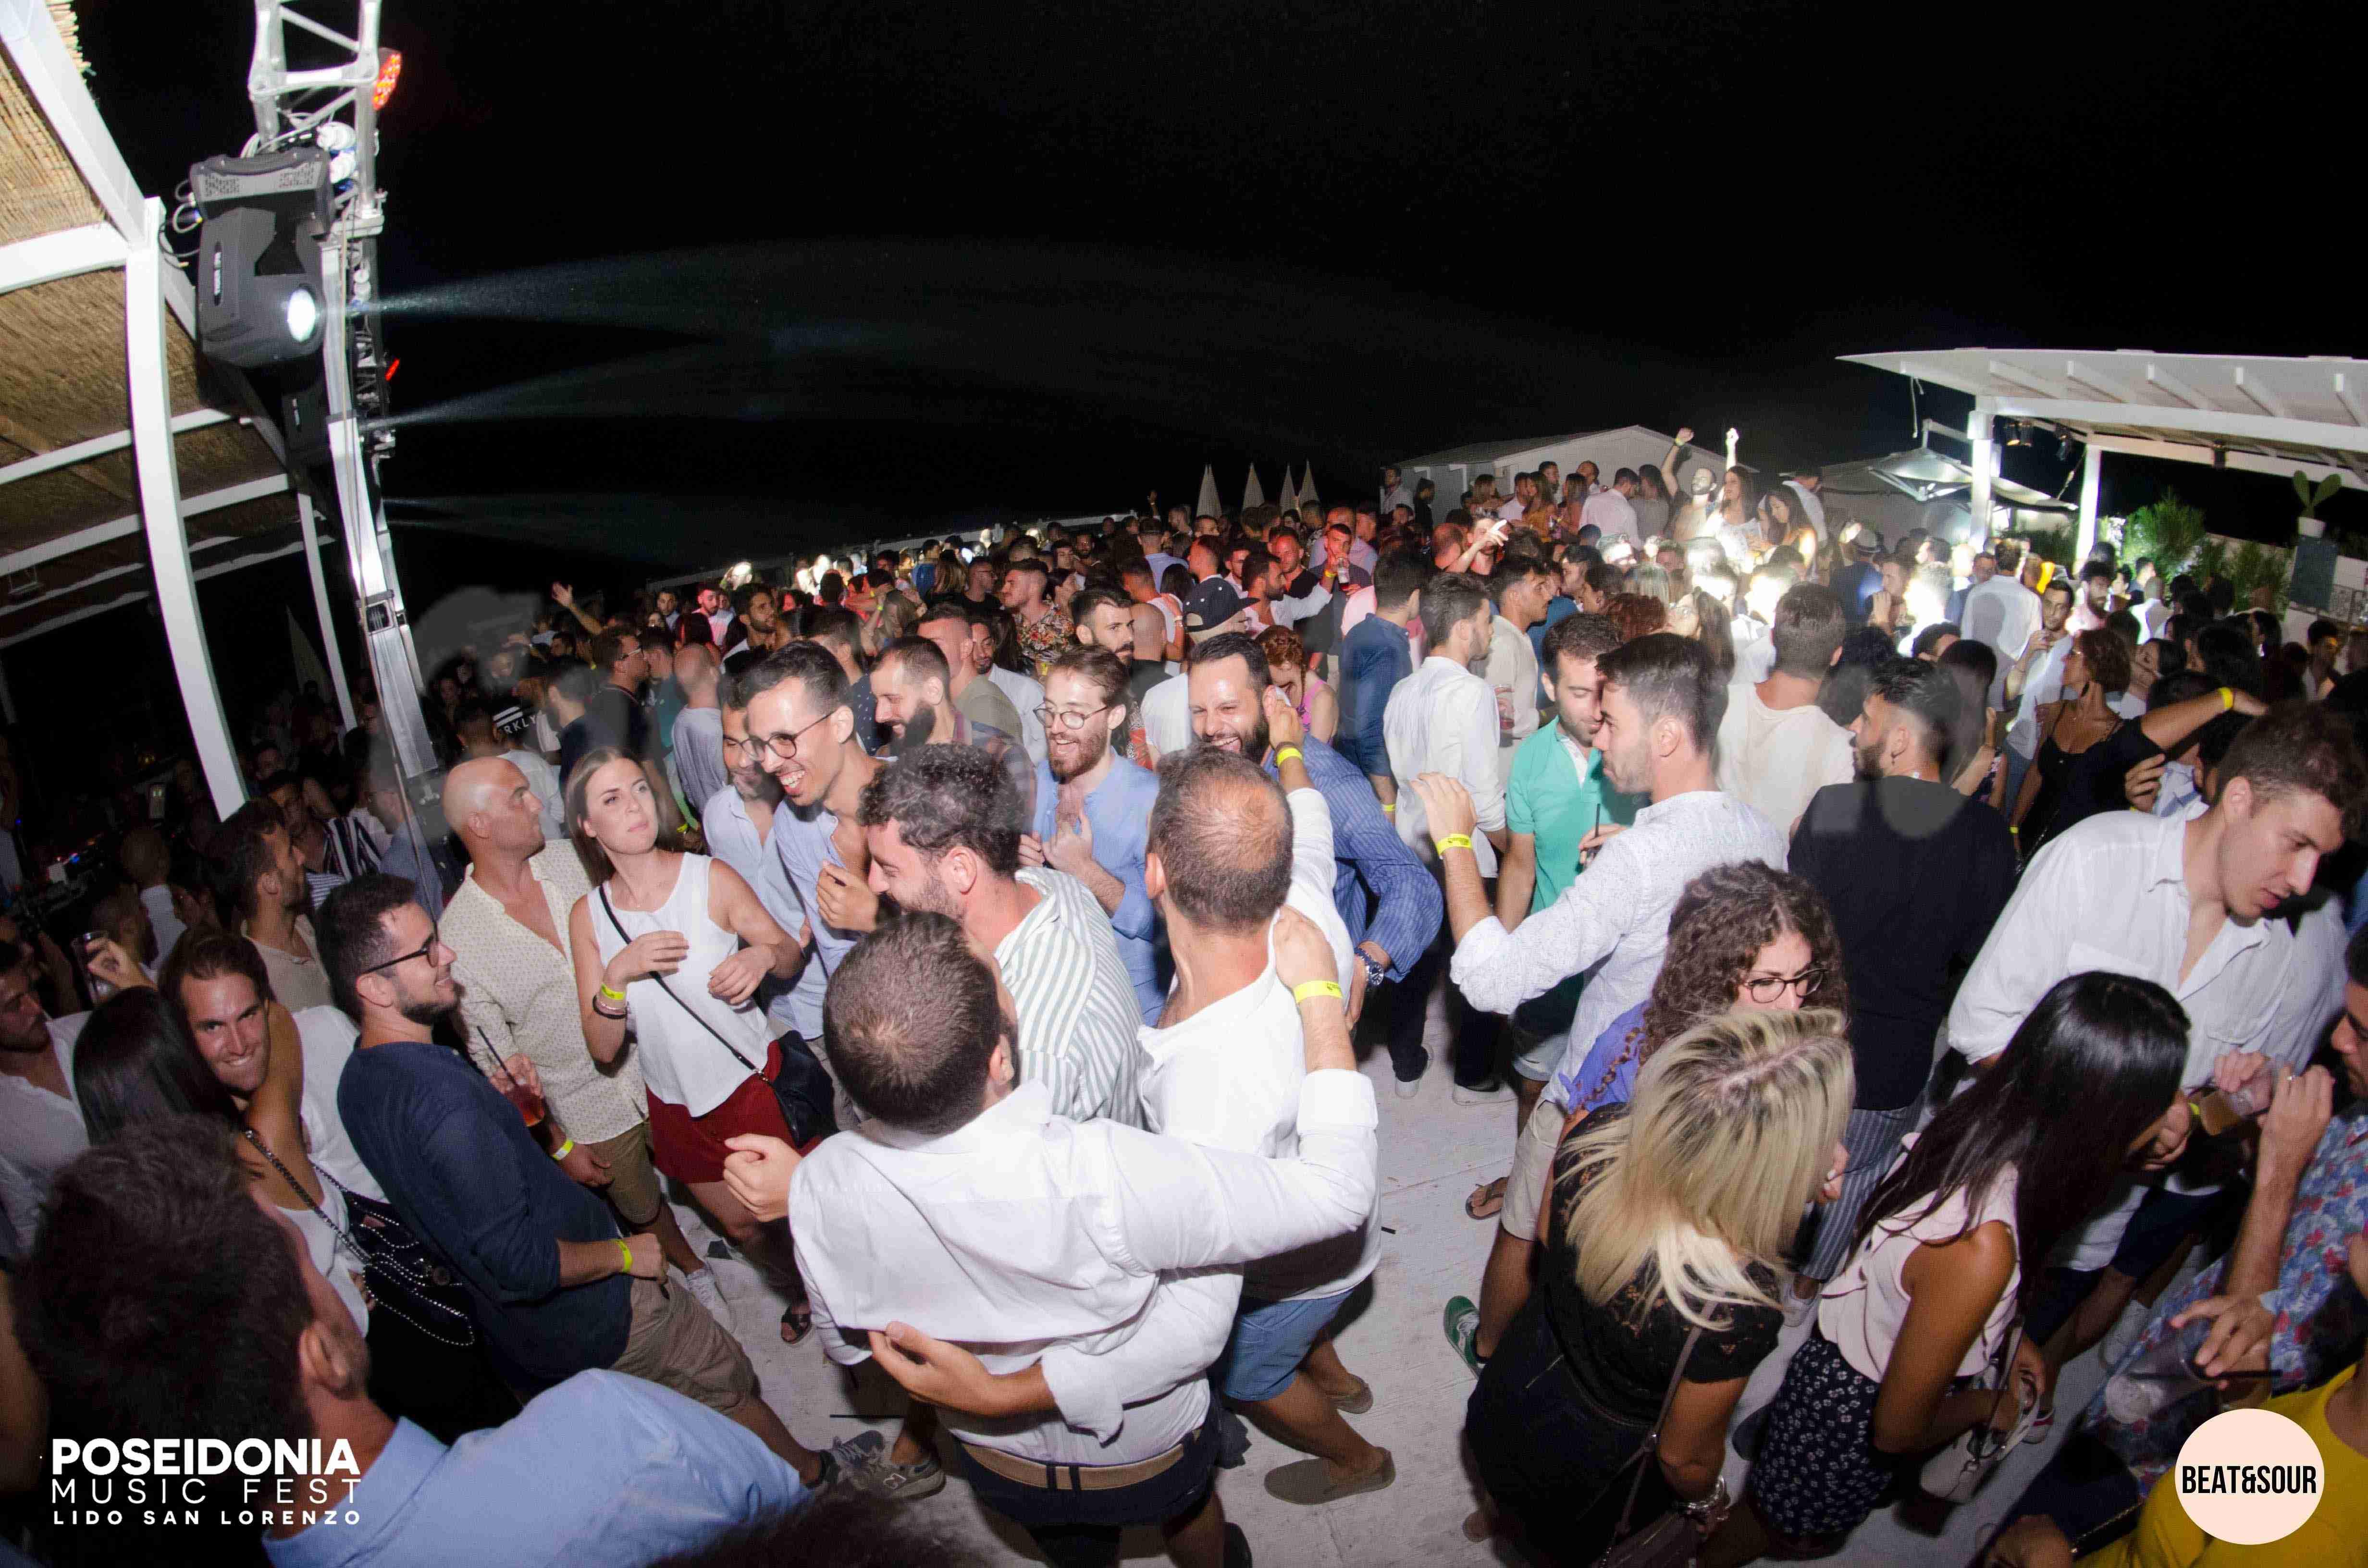 A Ferragosto si balla sotto il cielo di San Lorenzo: continua il Poseidonia Music Fest